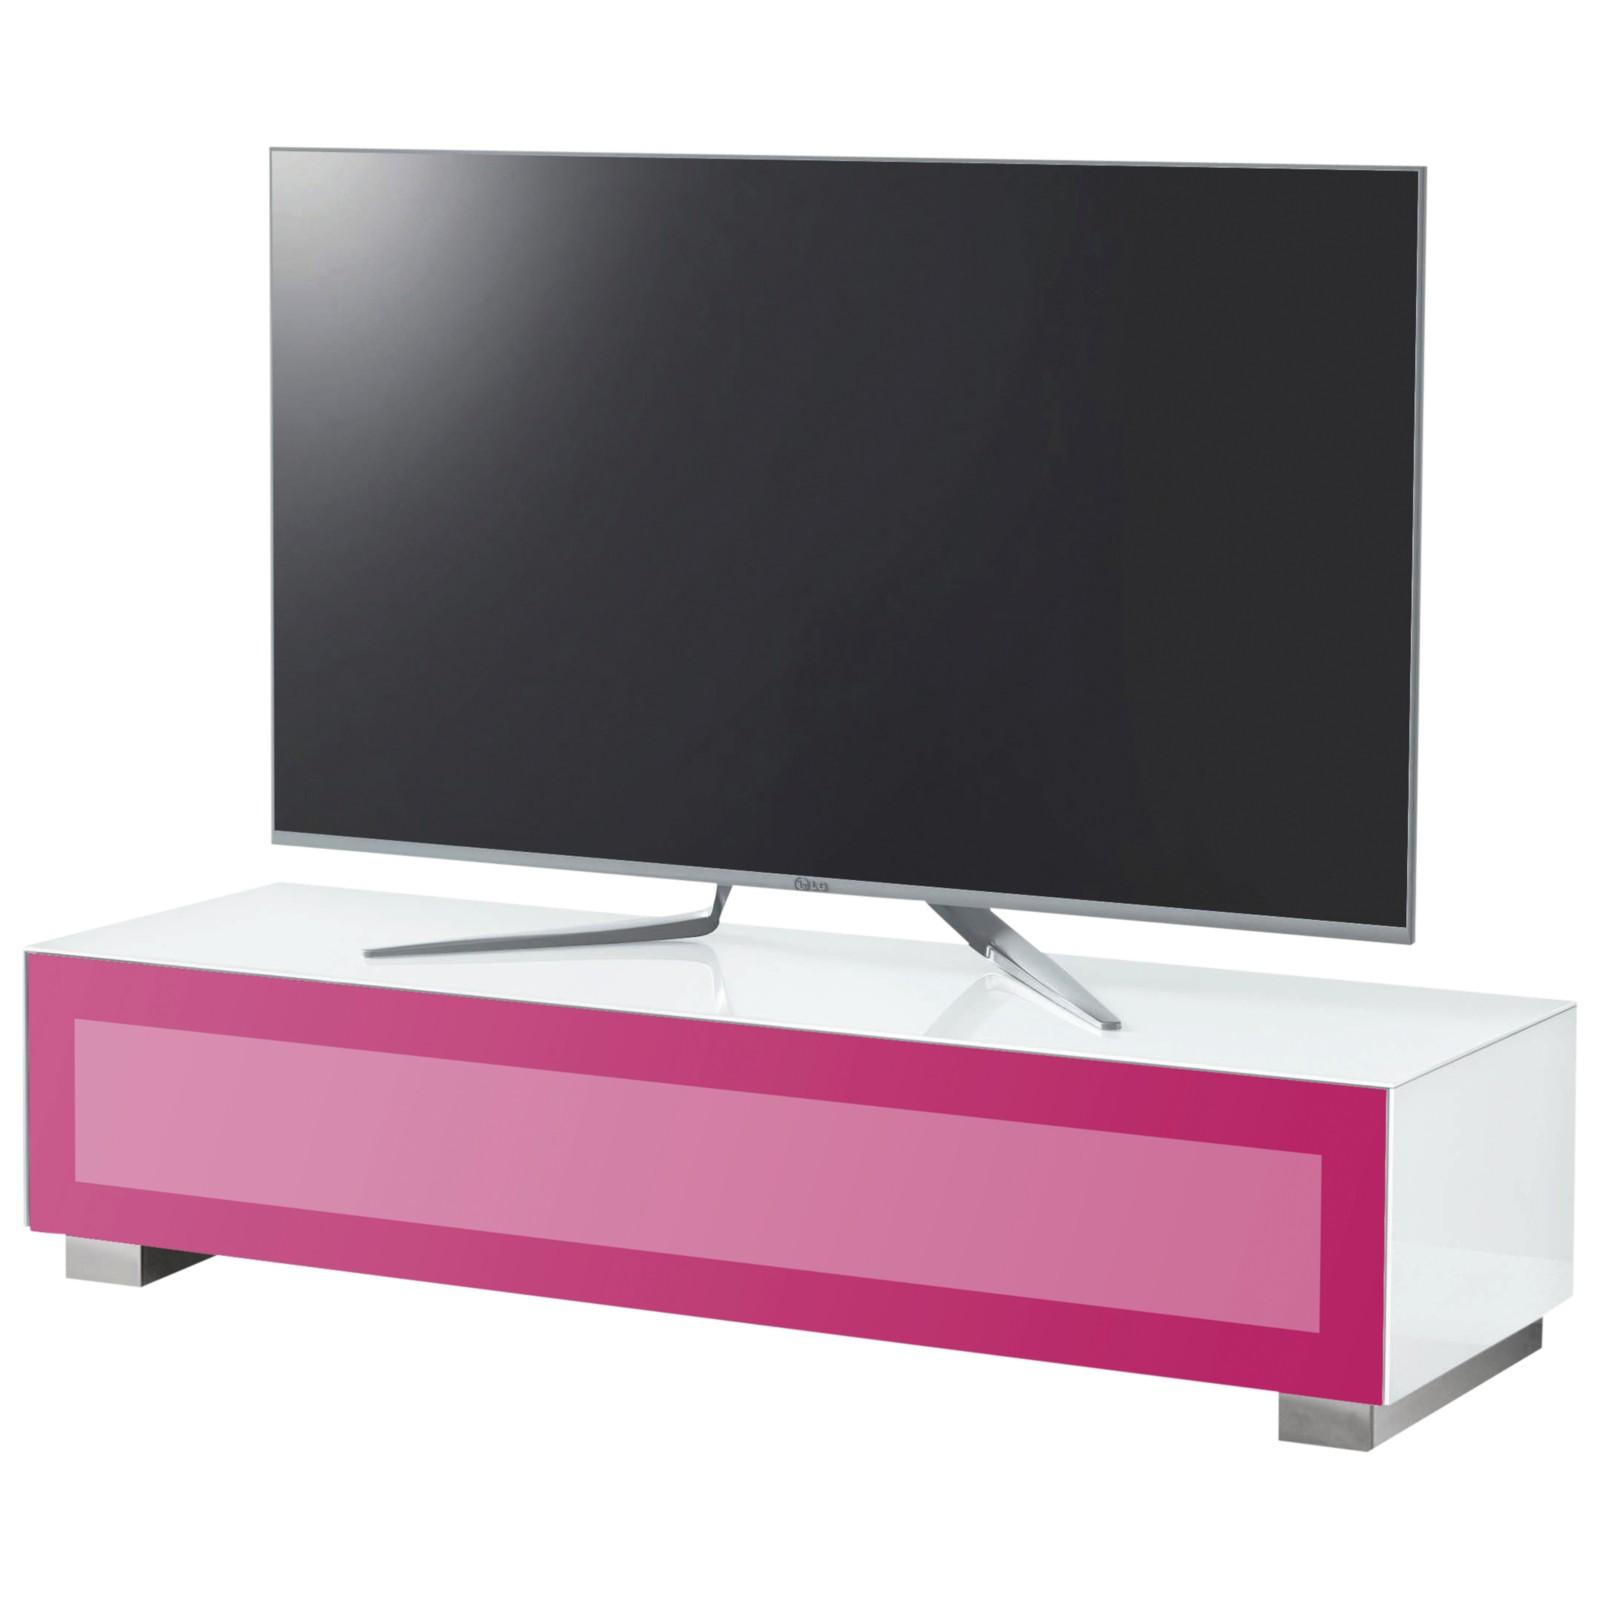 """Munari Magic 150 TV Stand For TV's up to 60"""" White/Fuchsia"""